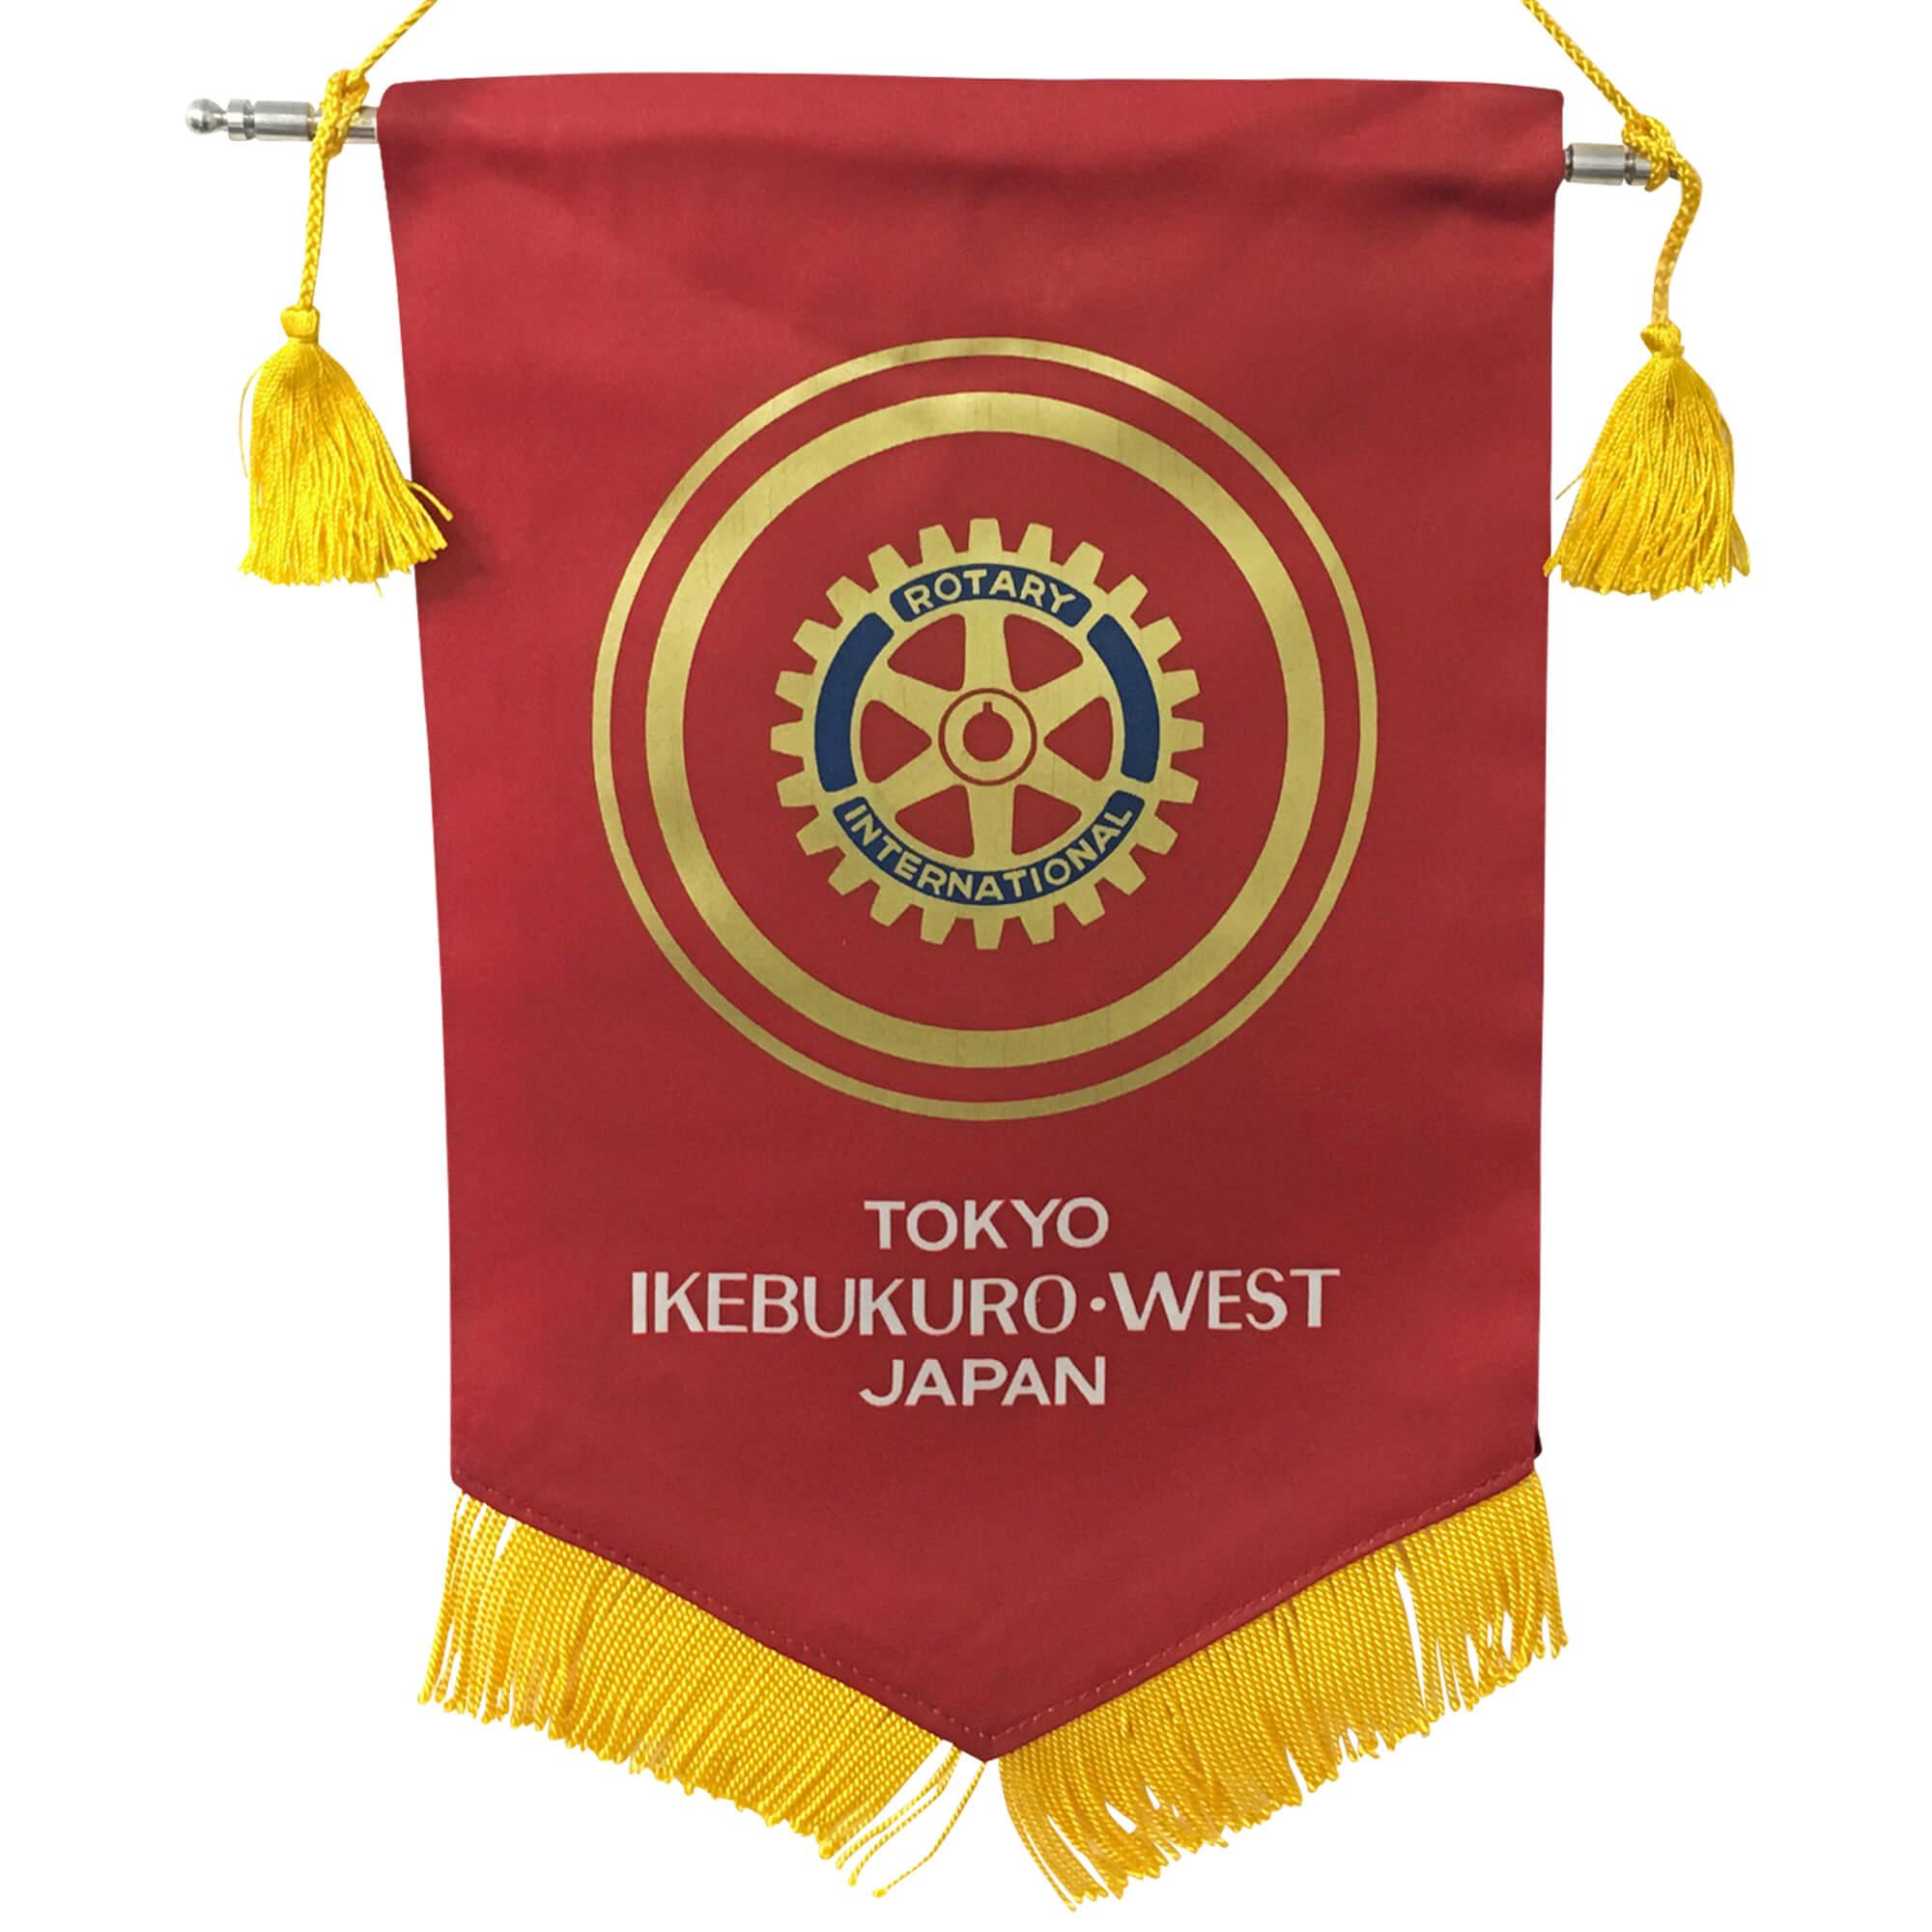 東京池袋西ロータリークラブ